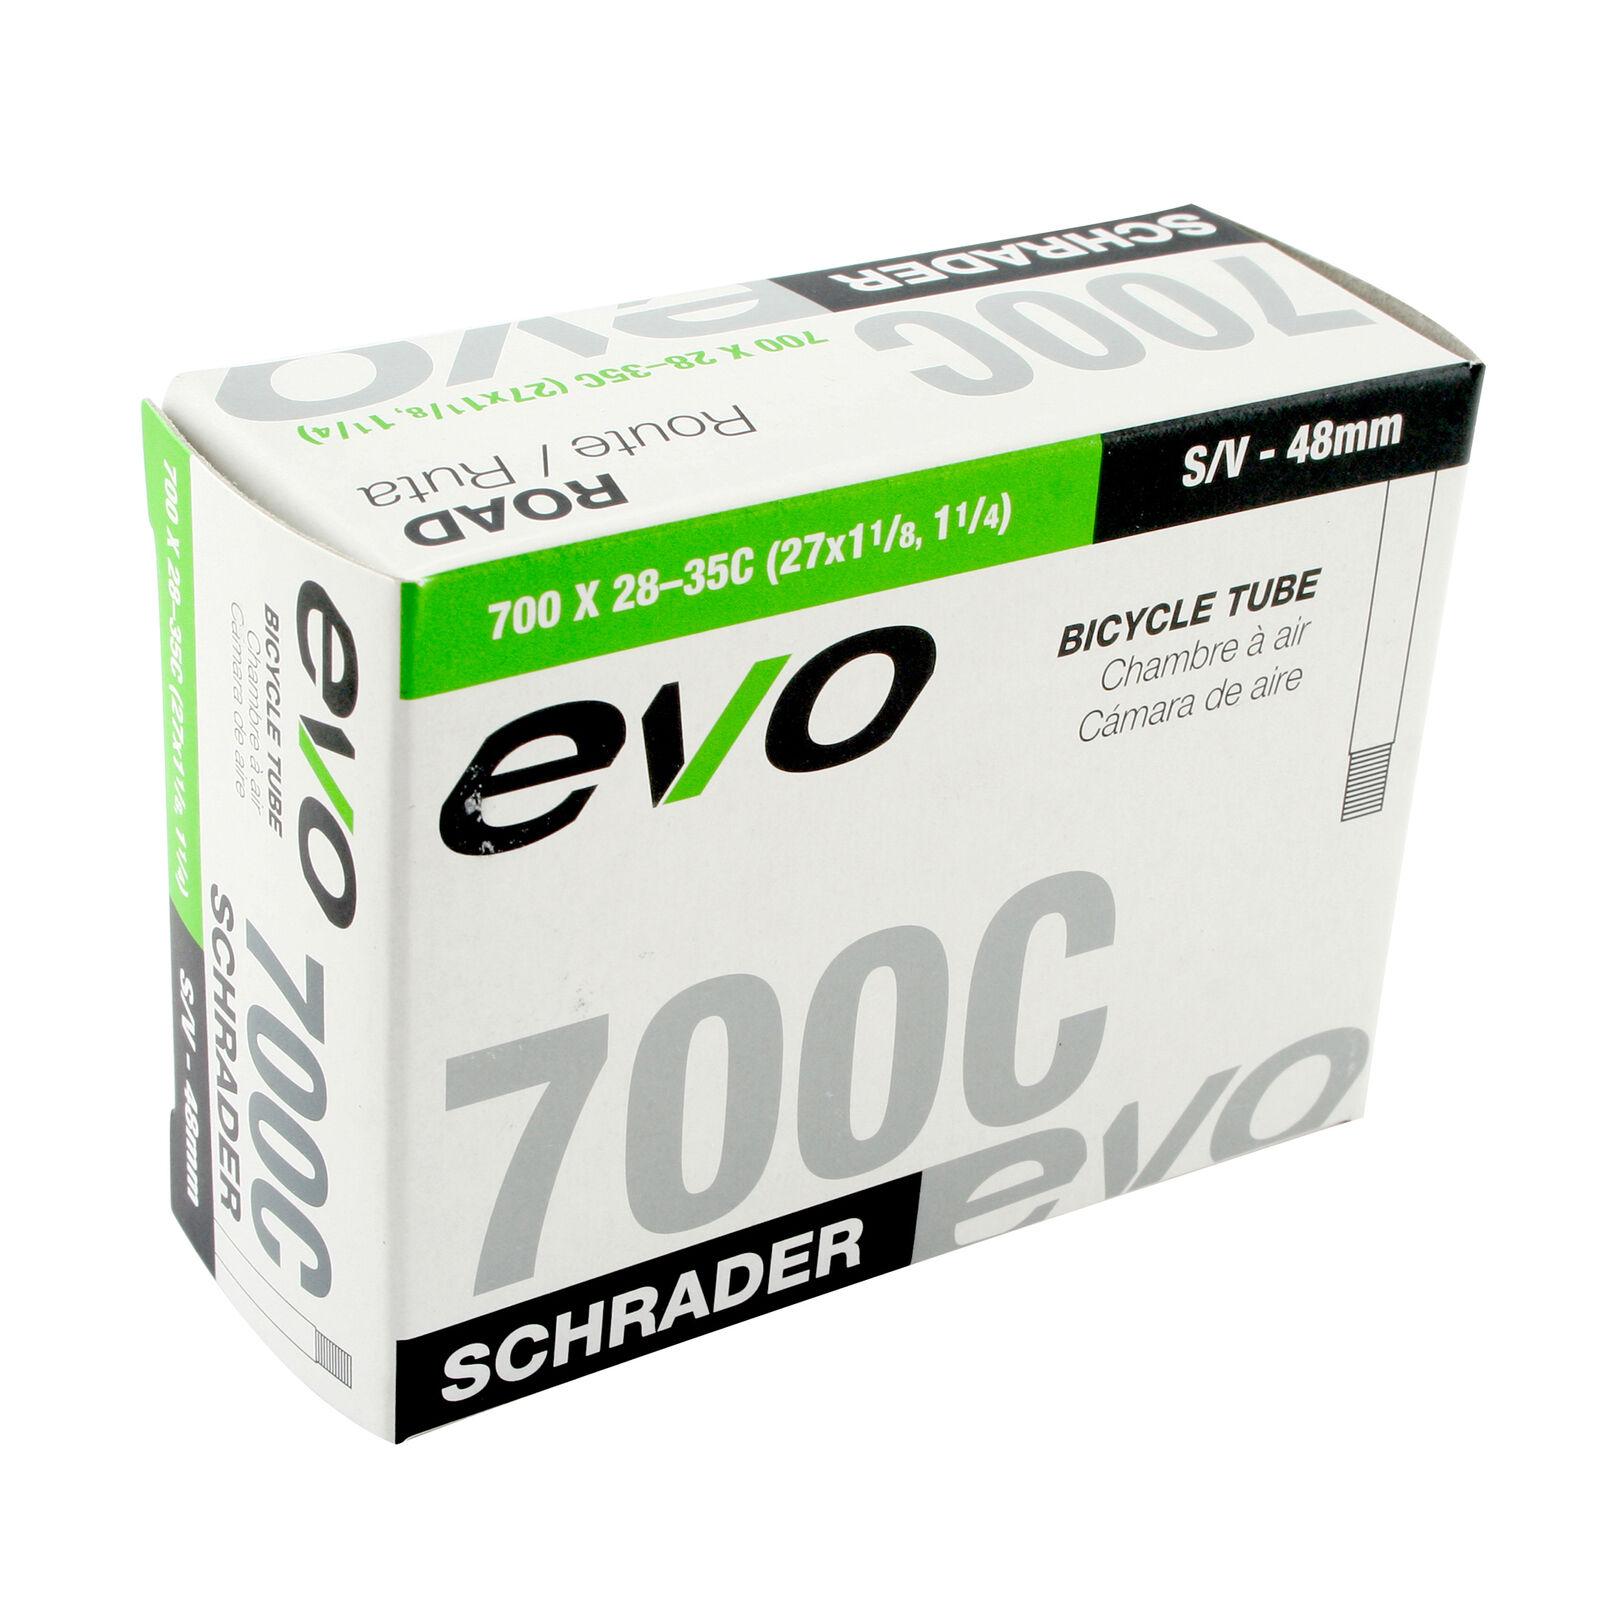 700x18-25C//27x1-48mm Presta Valve EVO Bicycle Tube